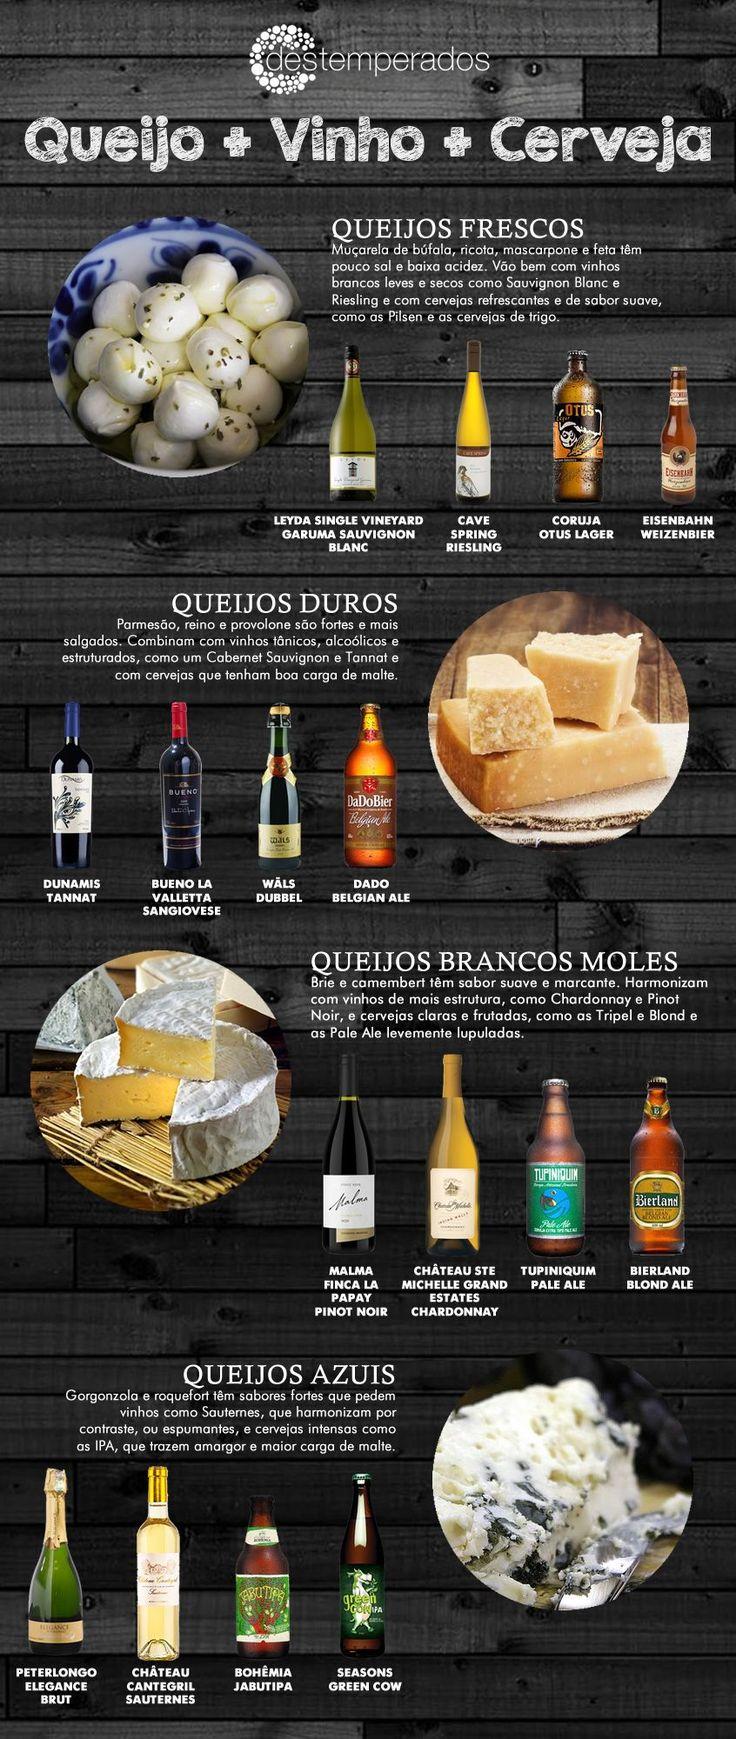 Destemperados - Infográfico: para harmonizar queijos com cervejas e vinhos